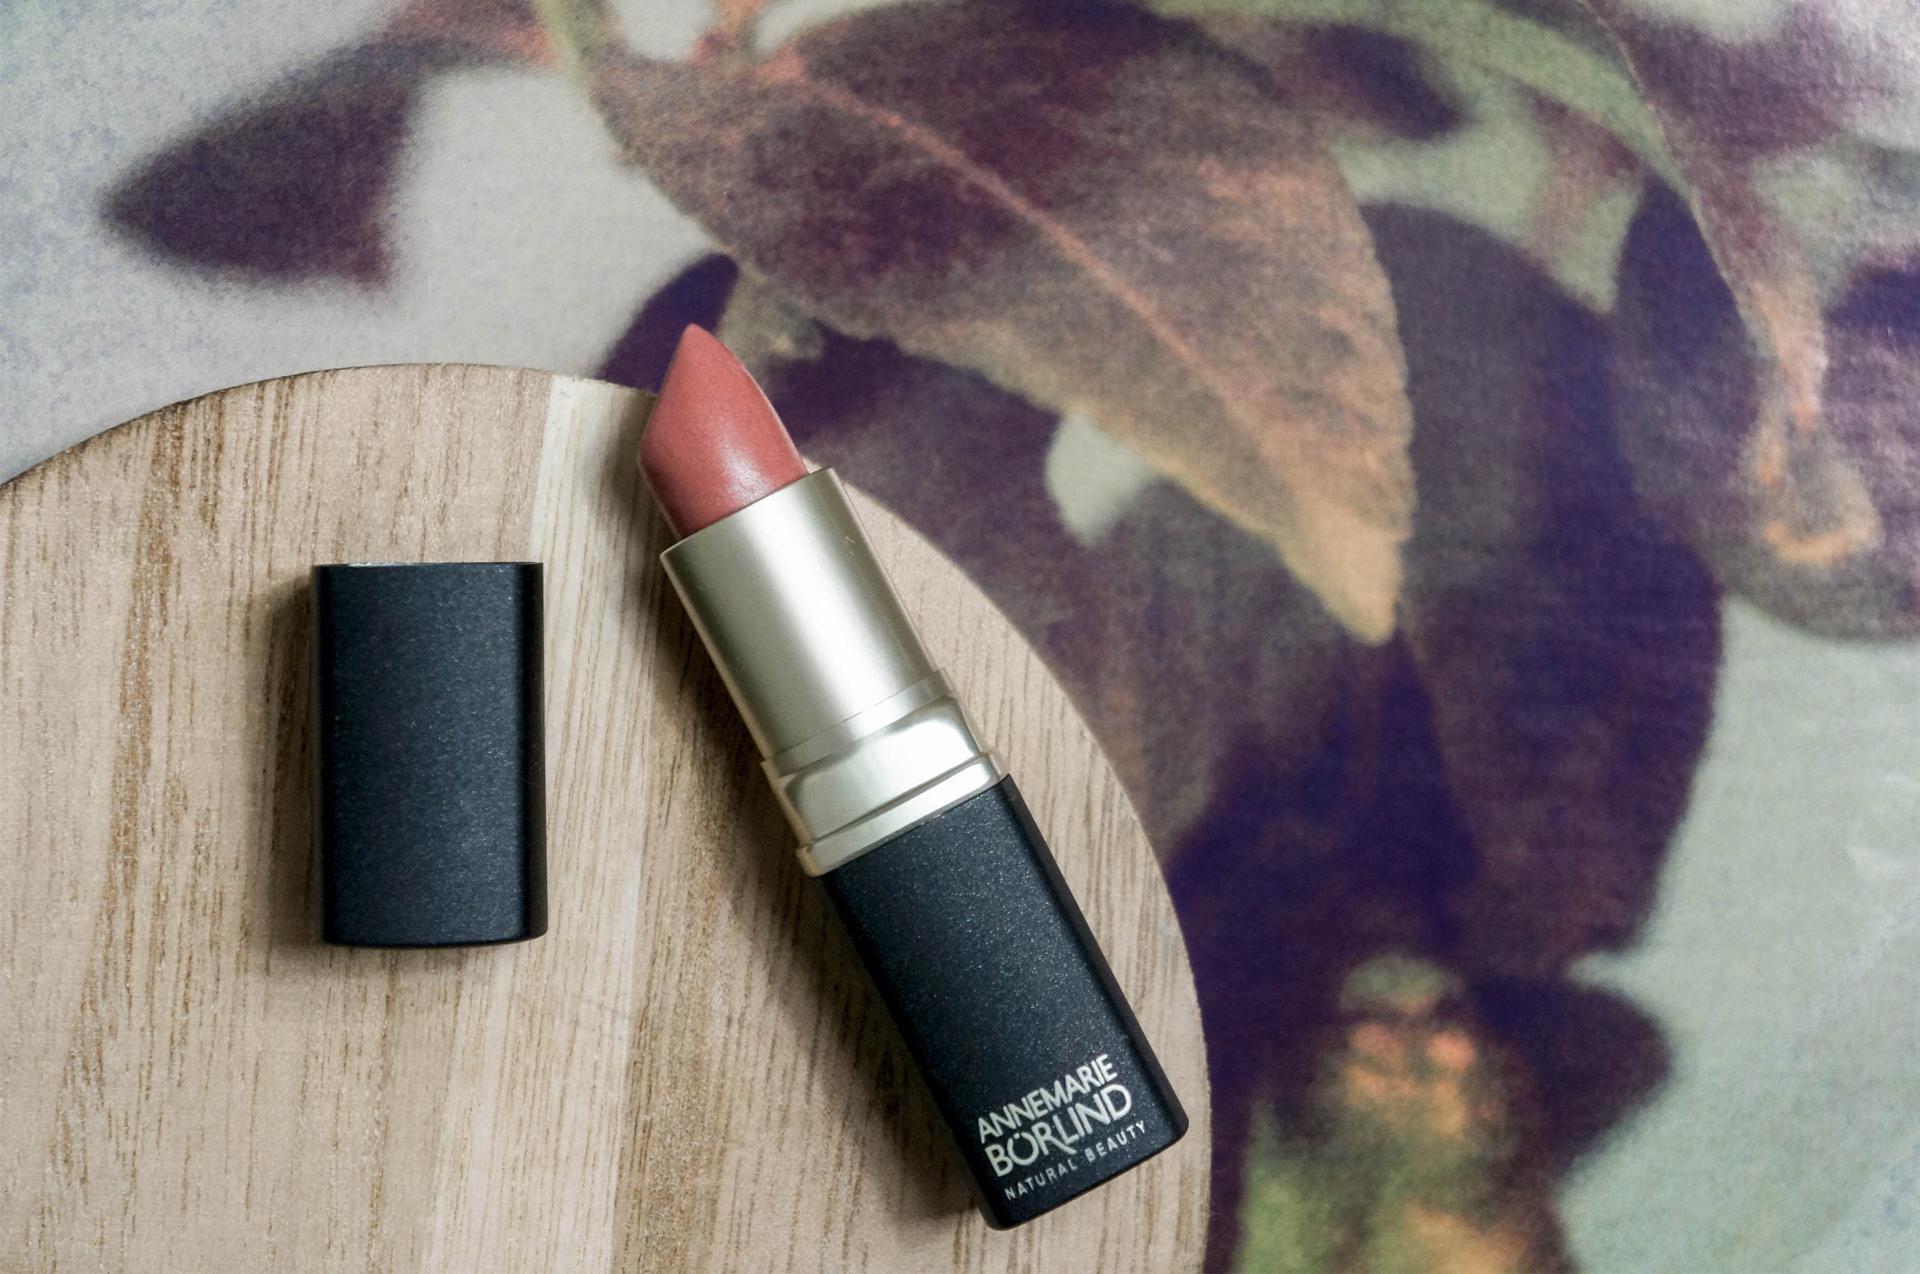 Annemarie Börlind Naturkosmetik Lippenstift Nude